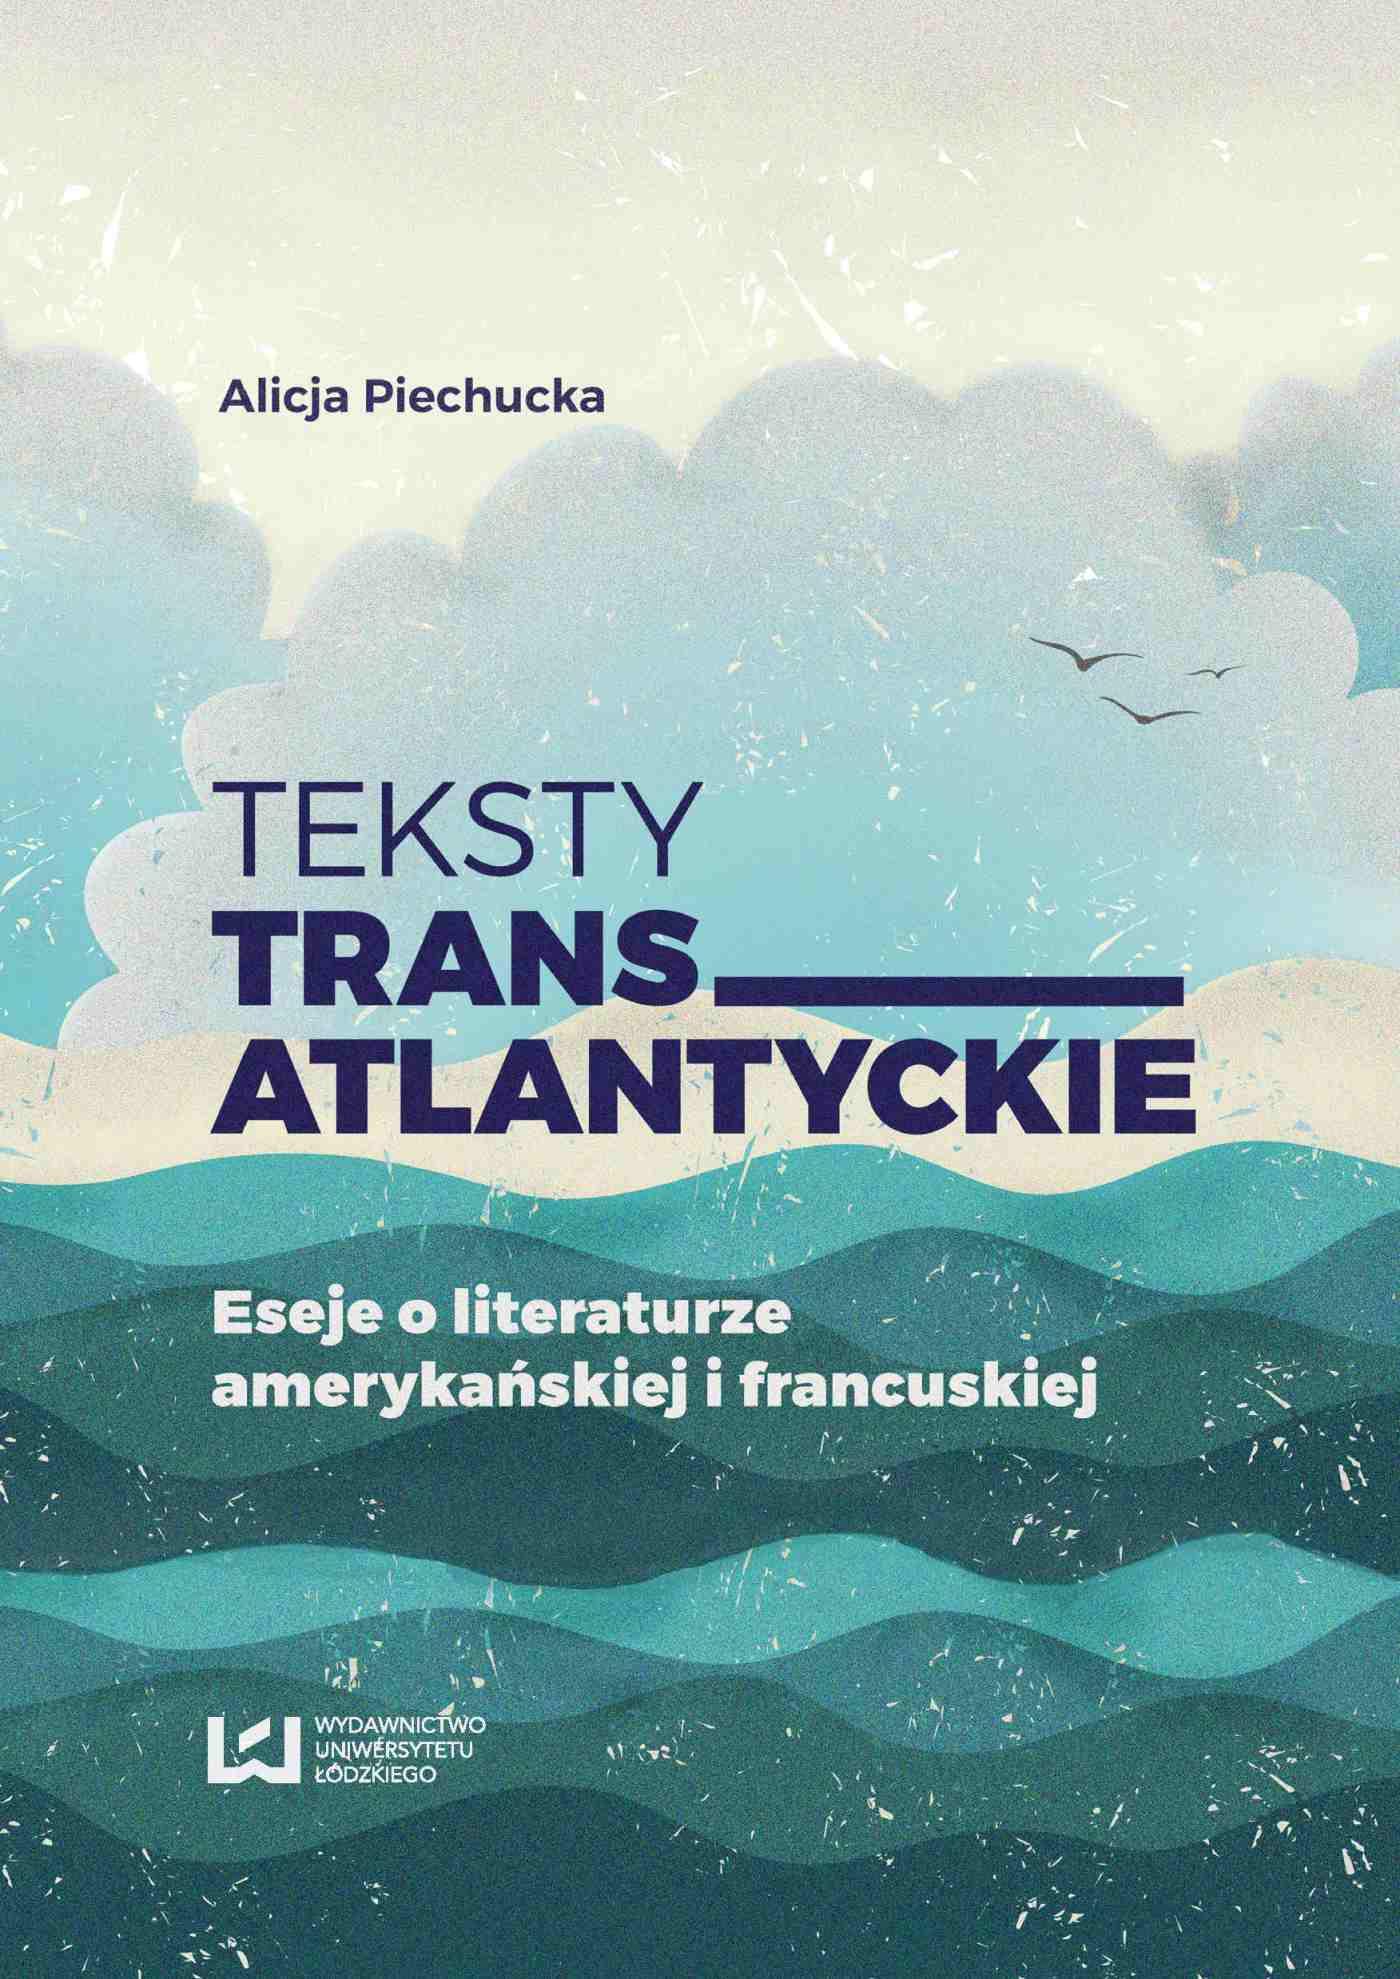 Teksty transatlantyckie. Eseje i literaturze amerykańskiej i francuskiej - Ebook (Książka PDF) do pobrania w formacie PDF